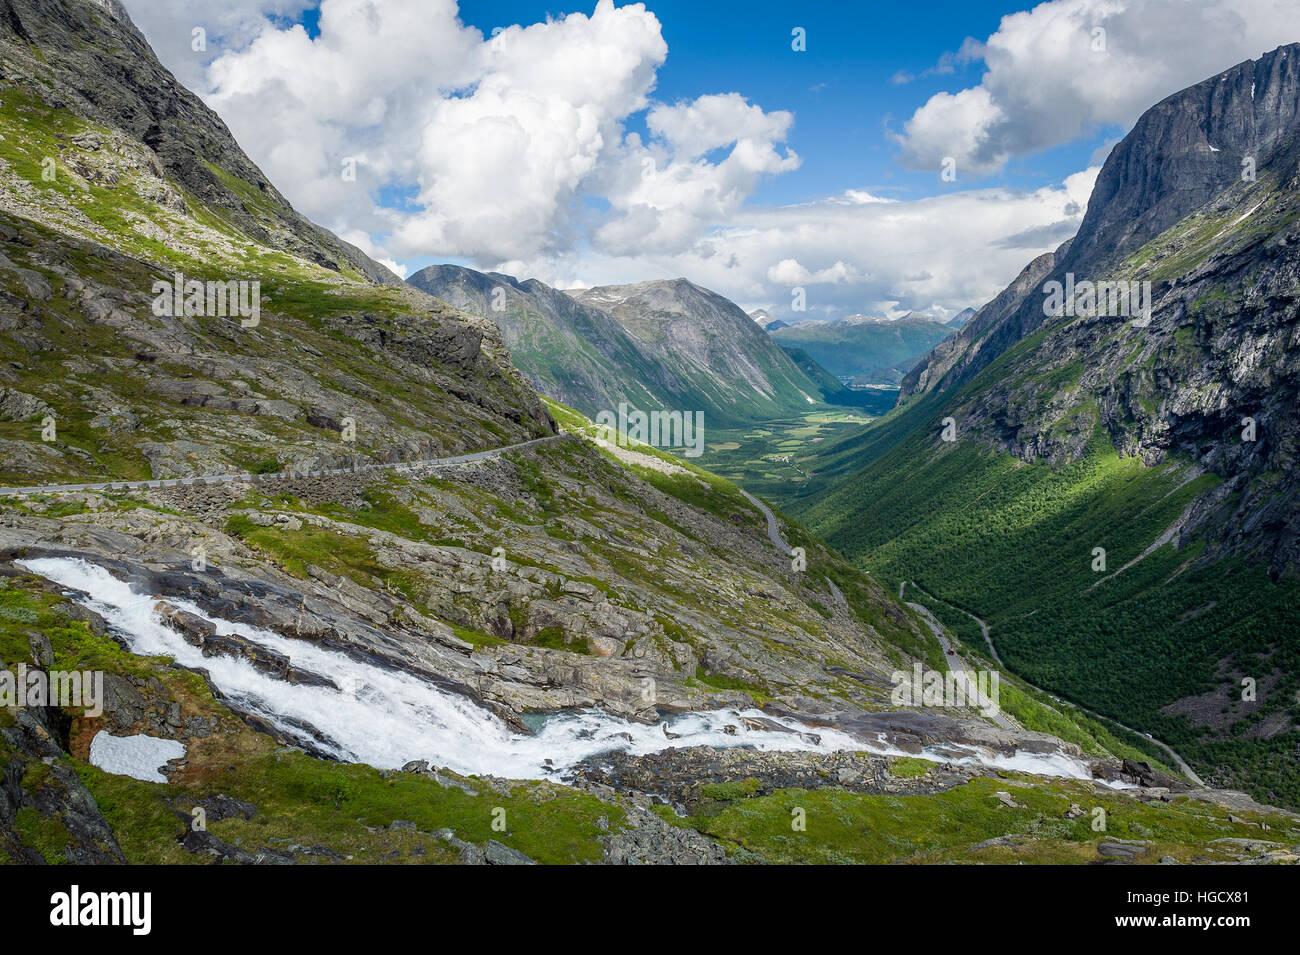 Trollstigen canyon landscape - Stock Image